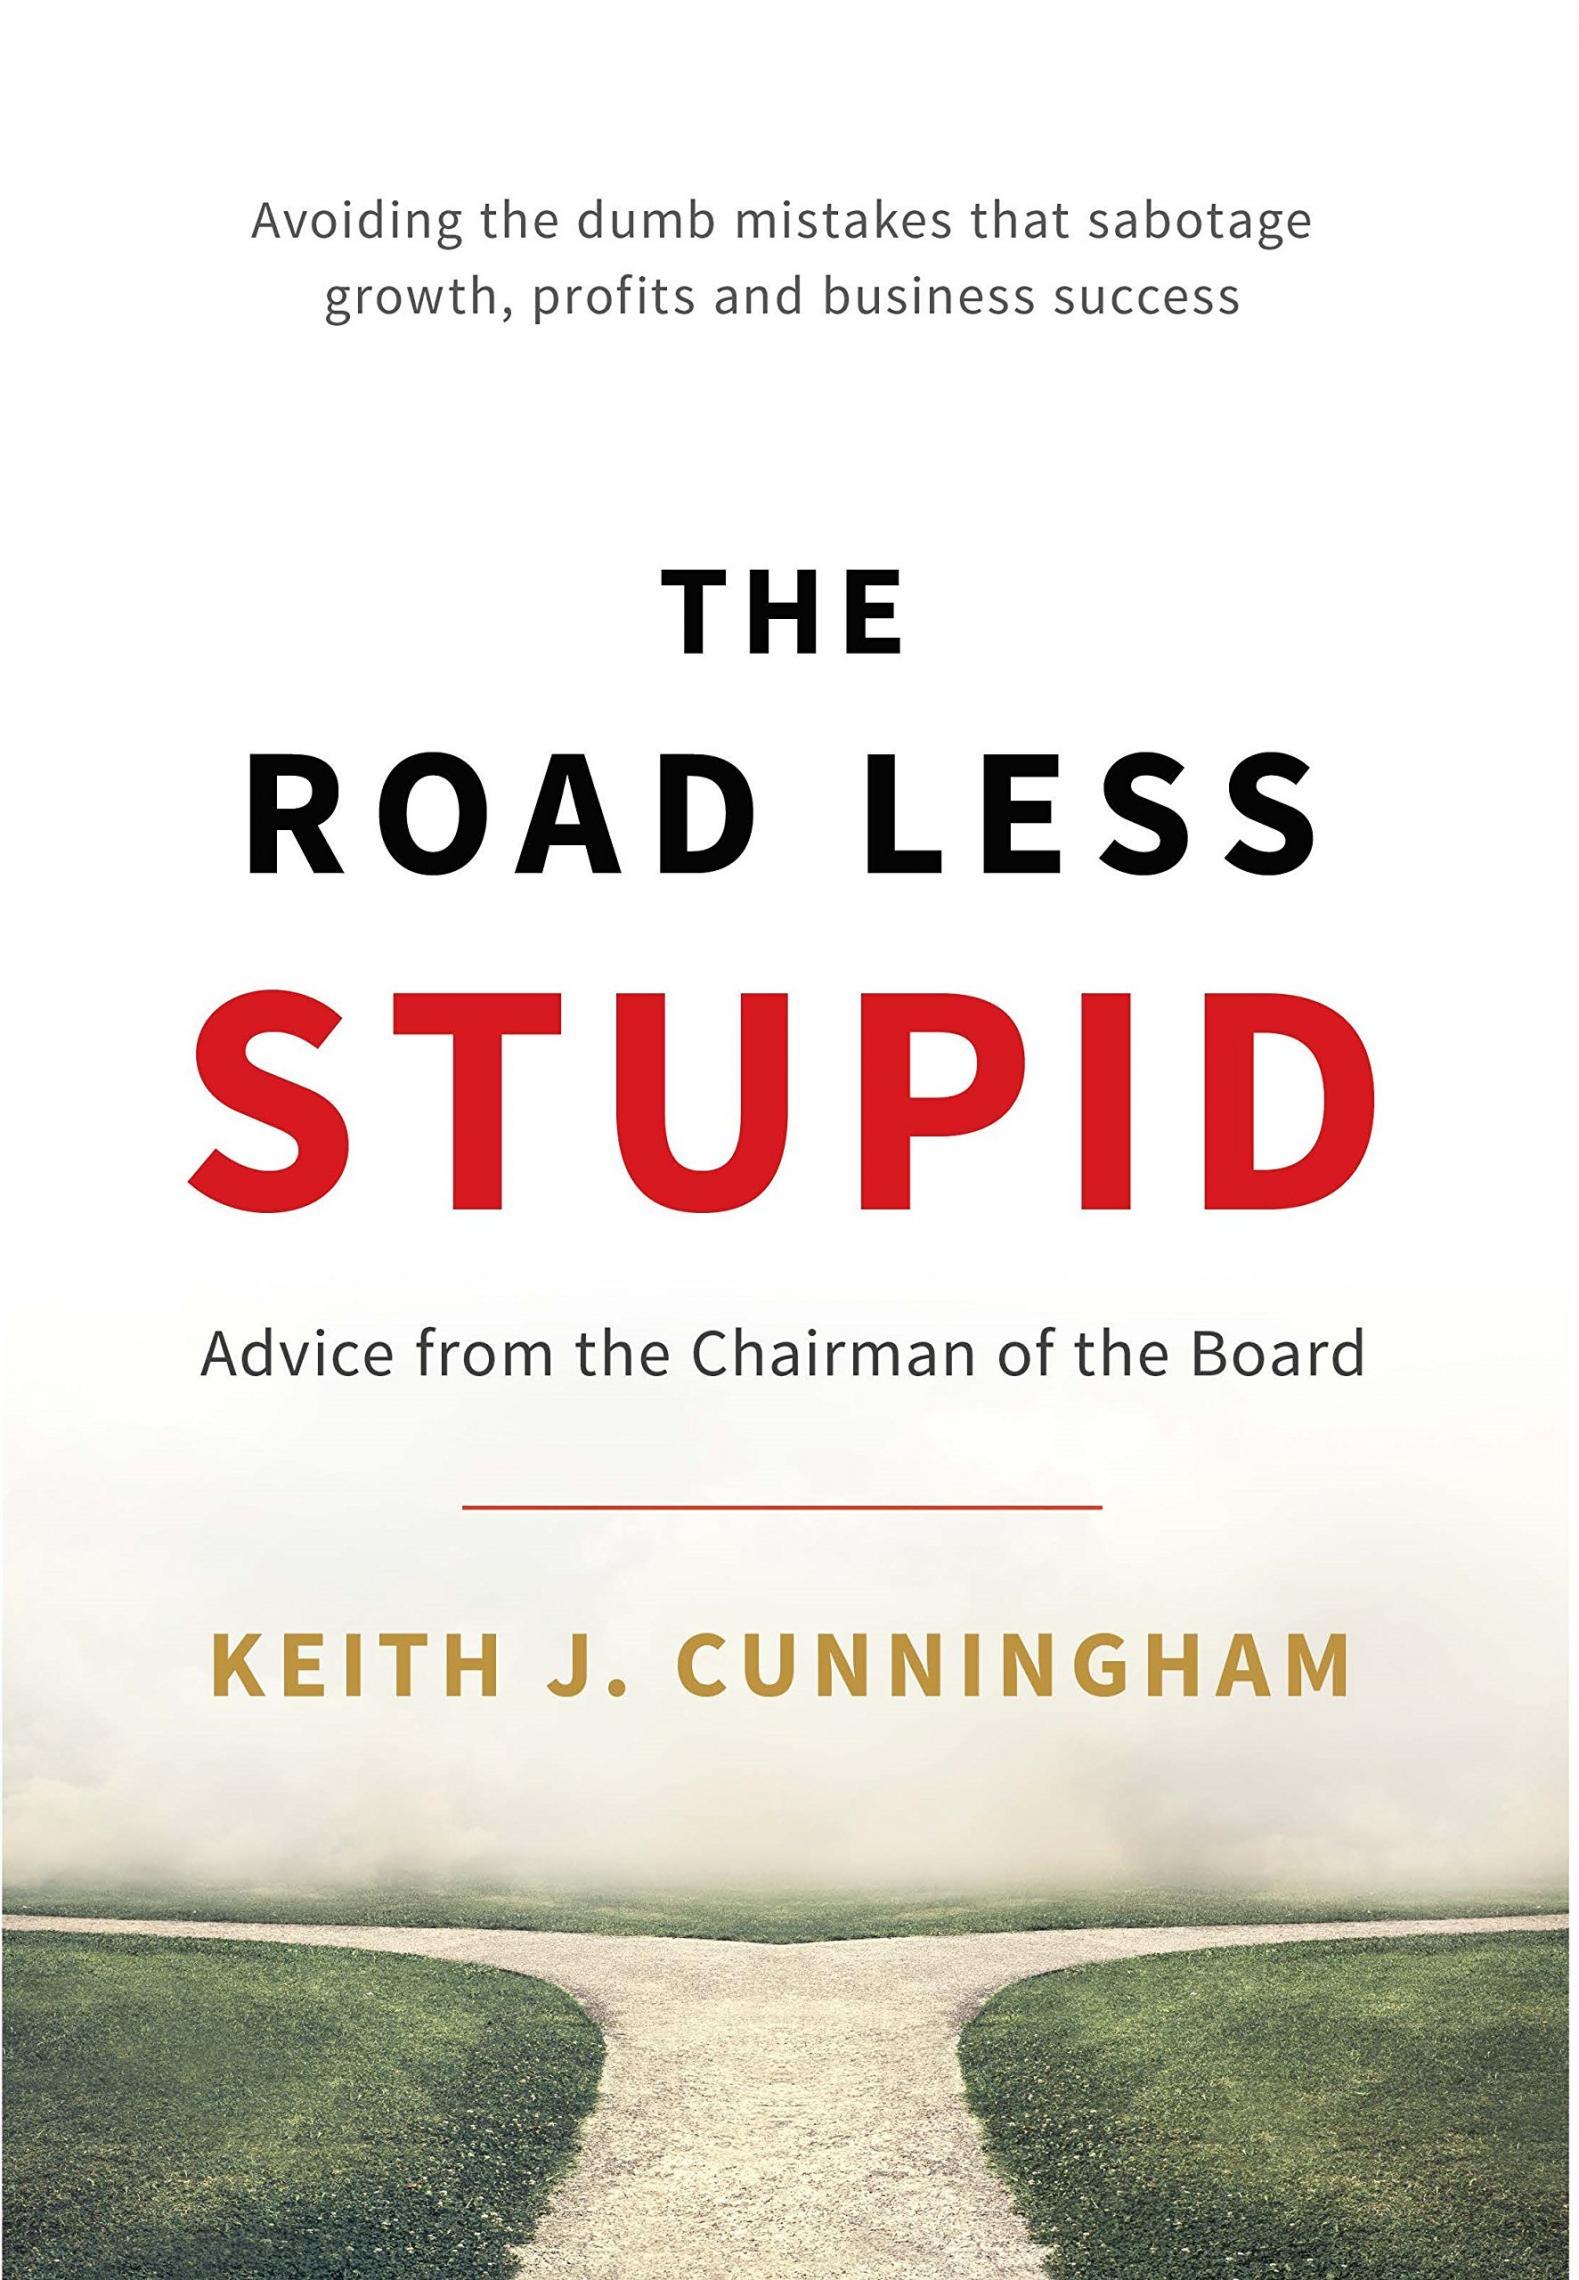 赚钱 - 并保持这种状态的关键是避免做傻事(The Road Less Stupid)